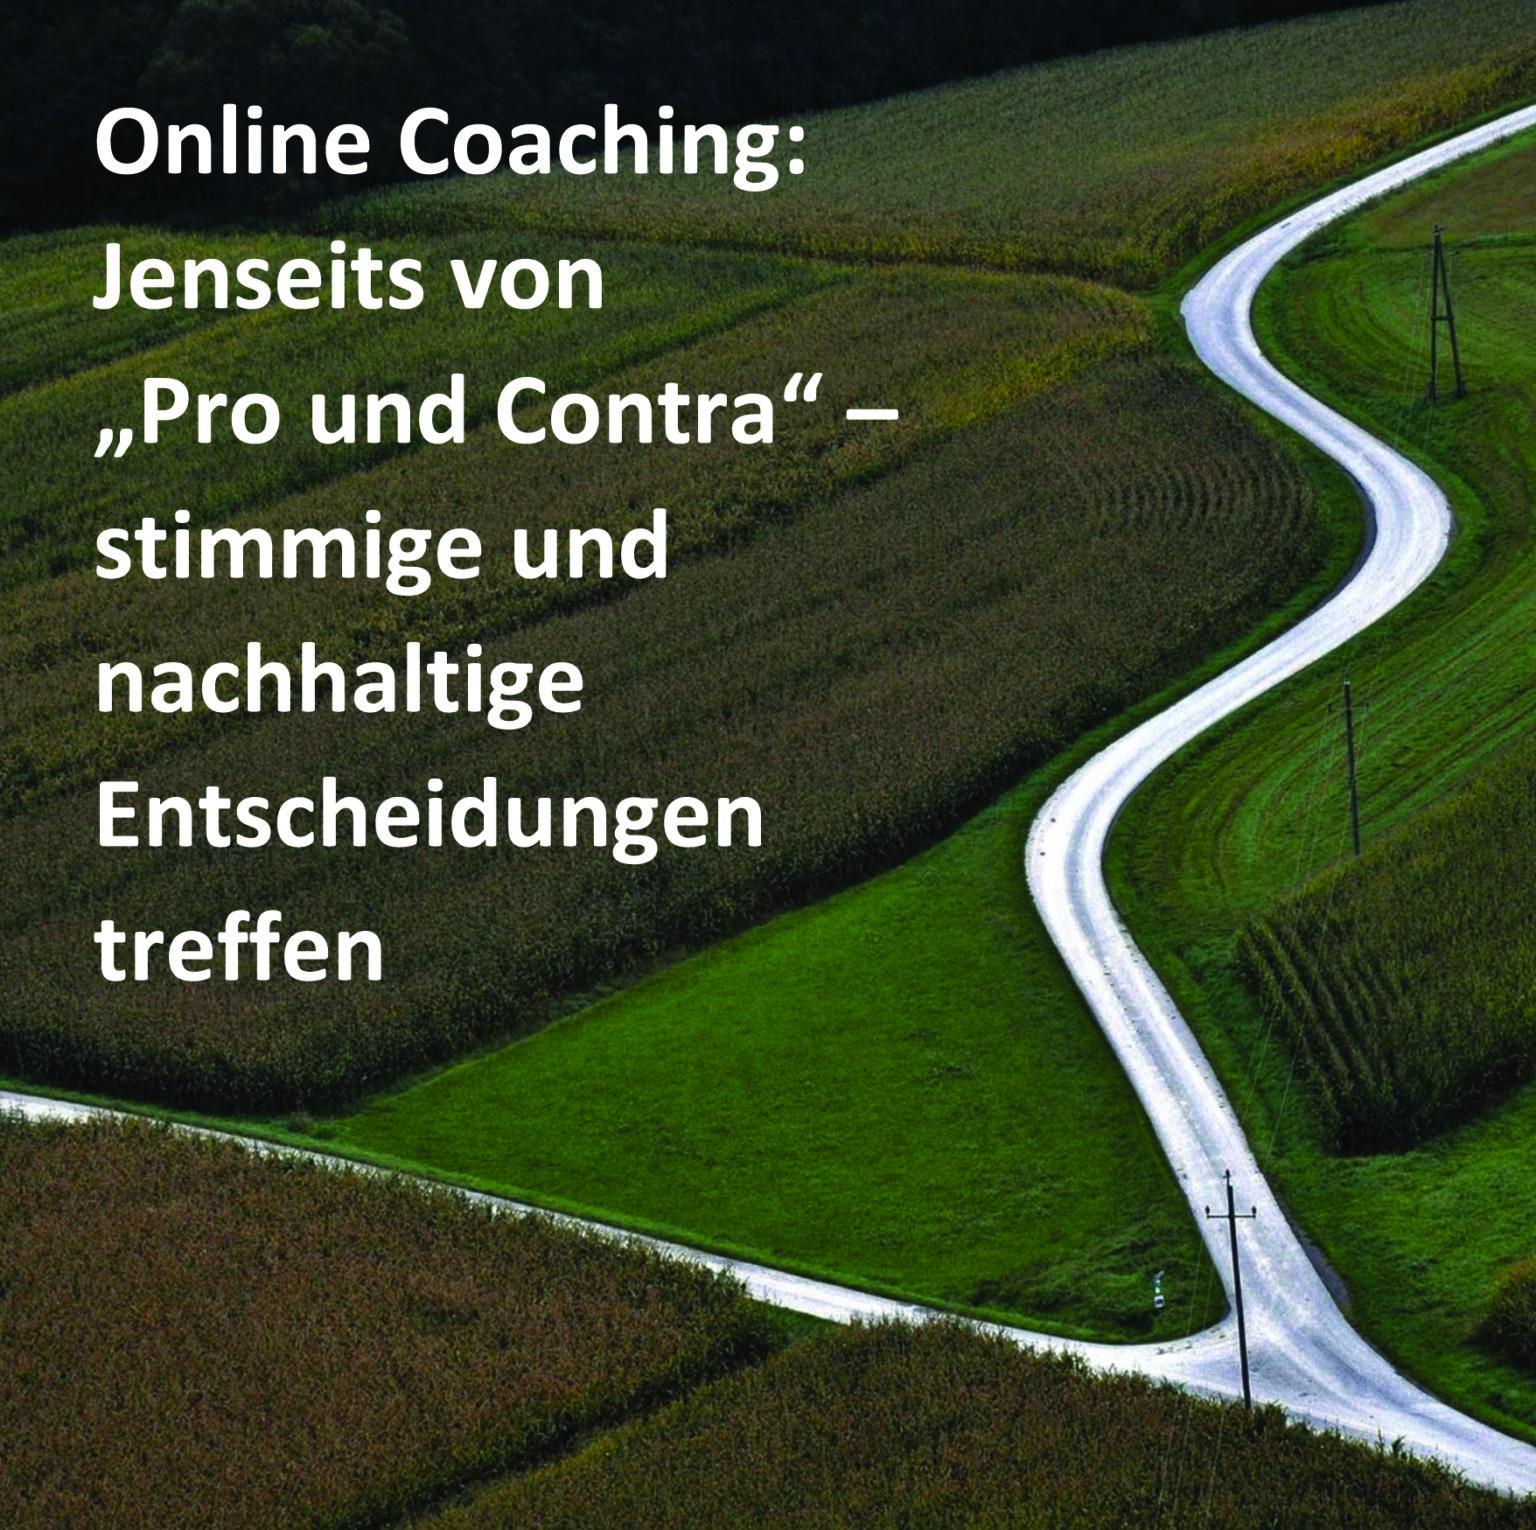 Entscheidung treffen online